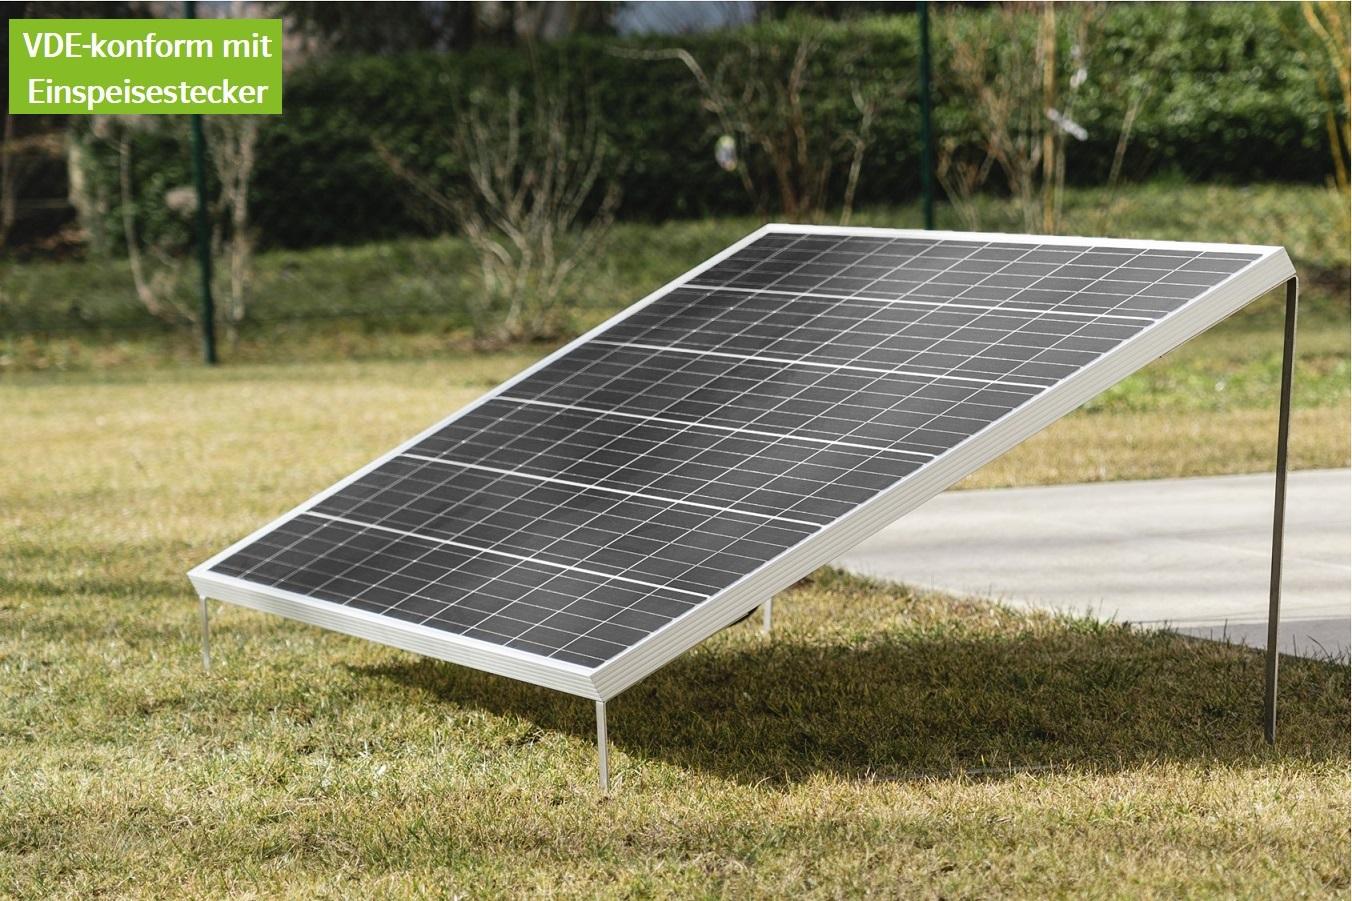 EET Solarmodul LIGHTMATE G mit Aufsteller - Black Edition